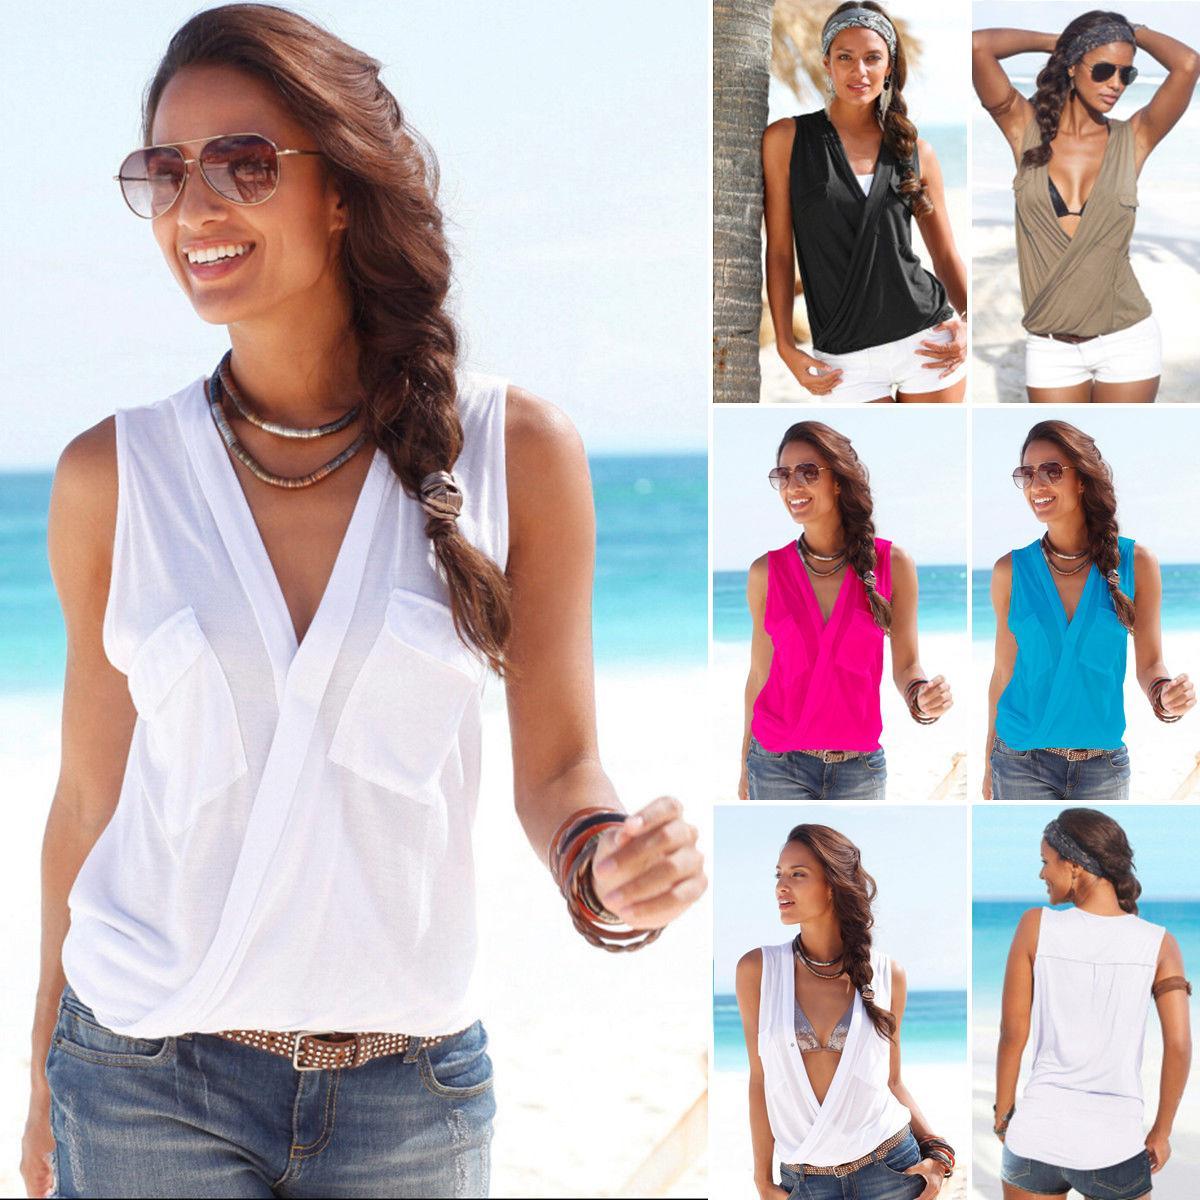 fcc674987745 2017 camisas de la blusa de las mujeres atractivas doble bolsillo costura  profundo V cuello sin mangas blusa de la camiseta